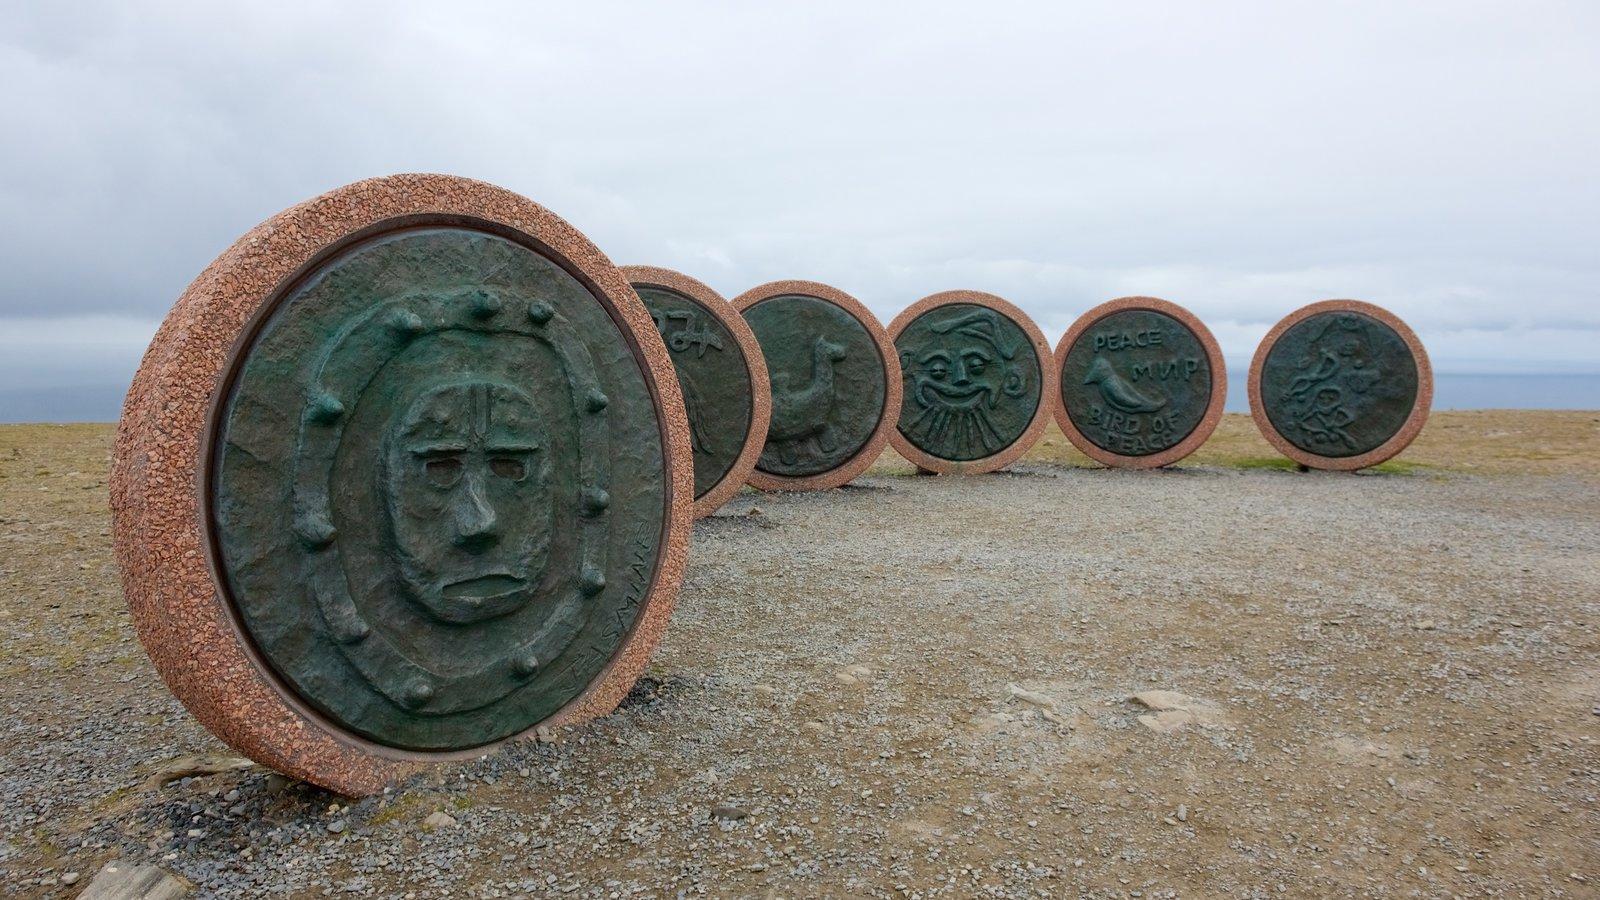 North Cape ofreciendo un monumento